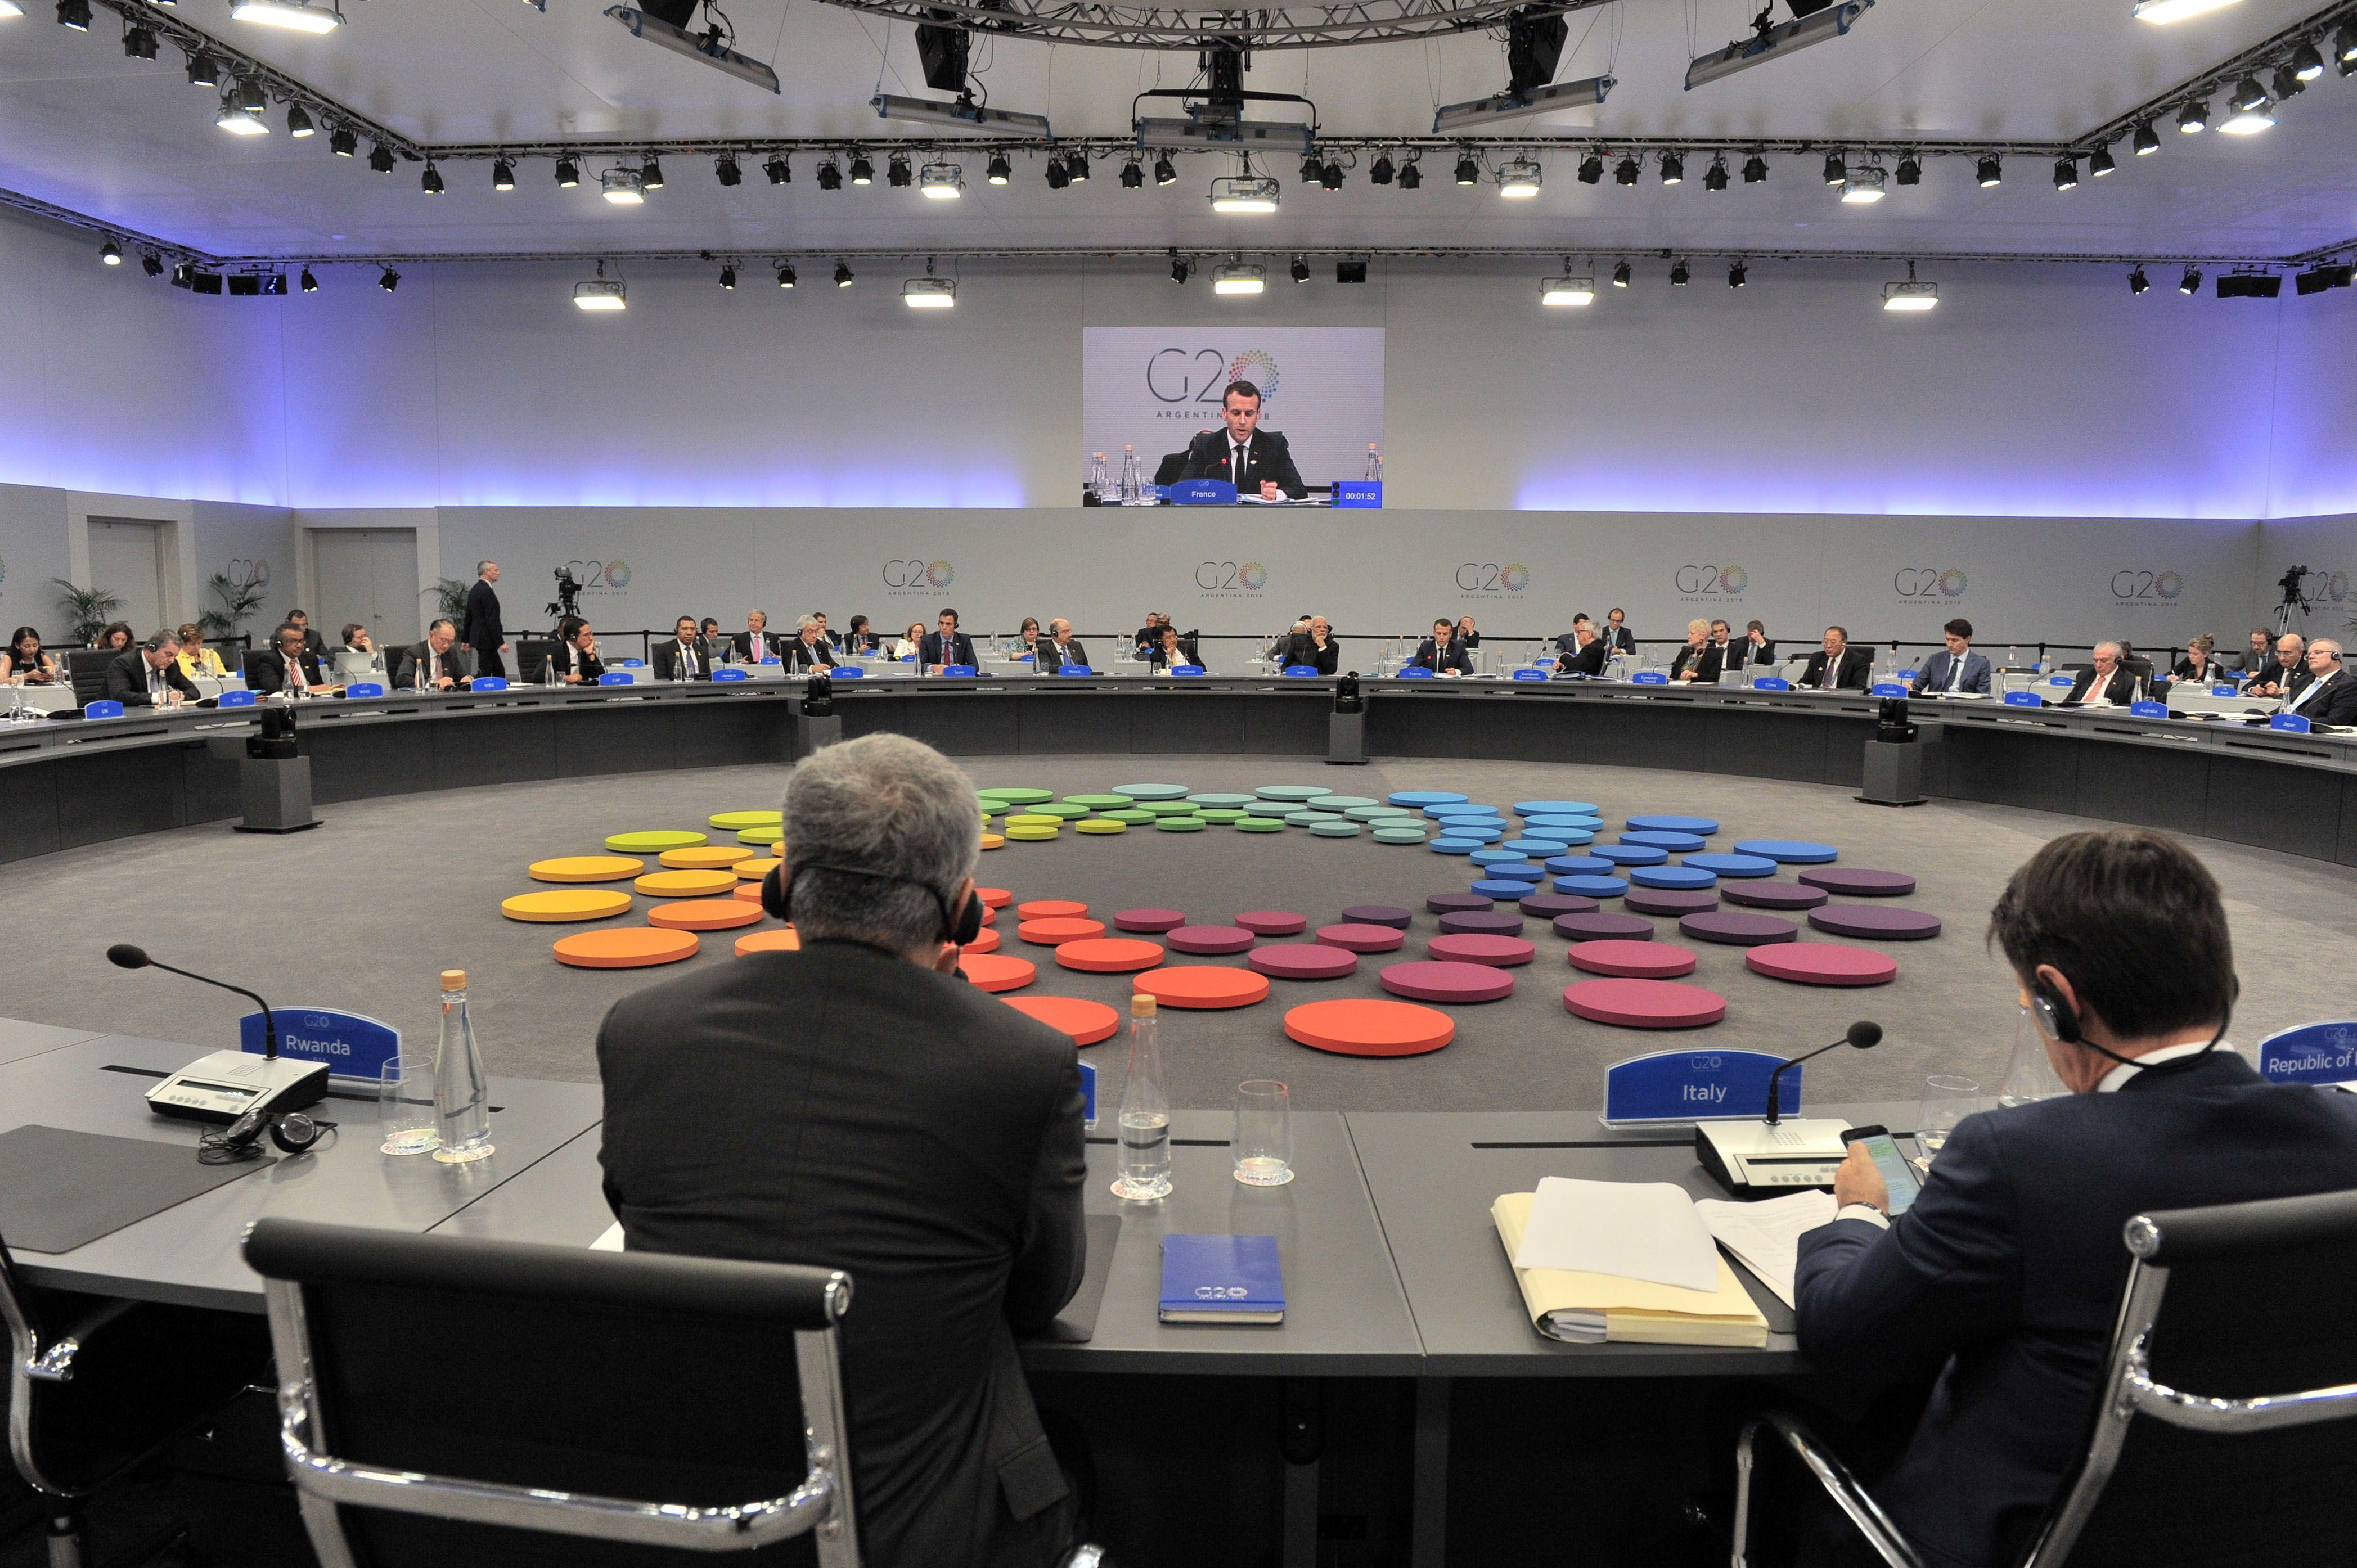 En G20 se lleva a cabo en el Centro Costa Salguero